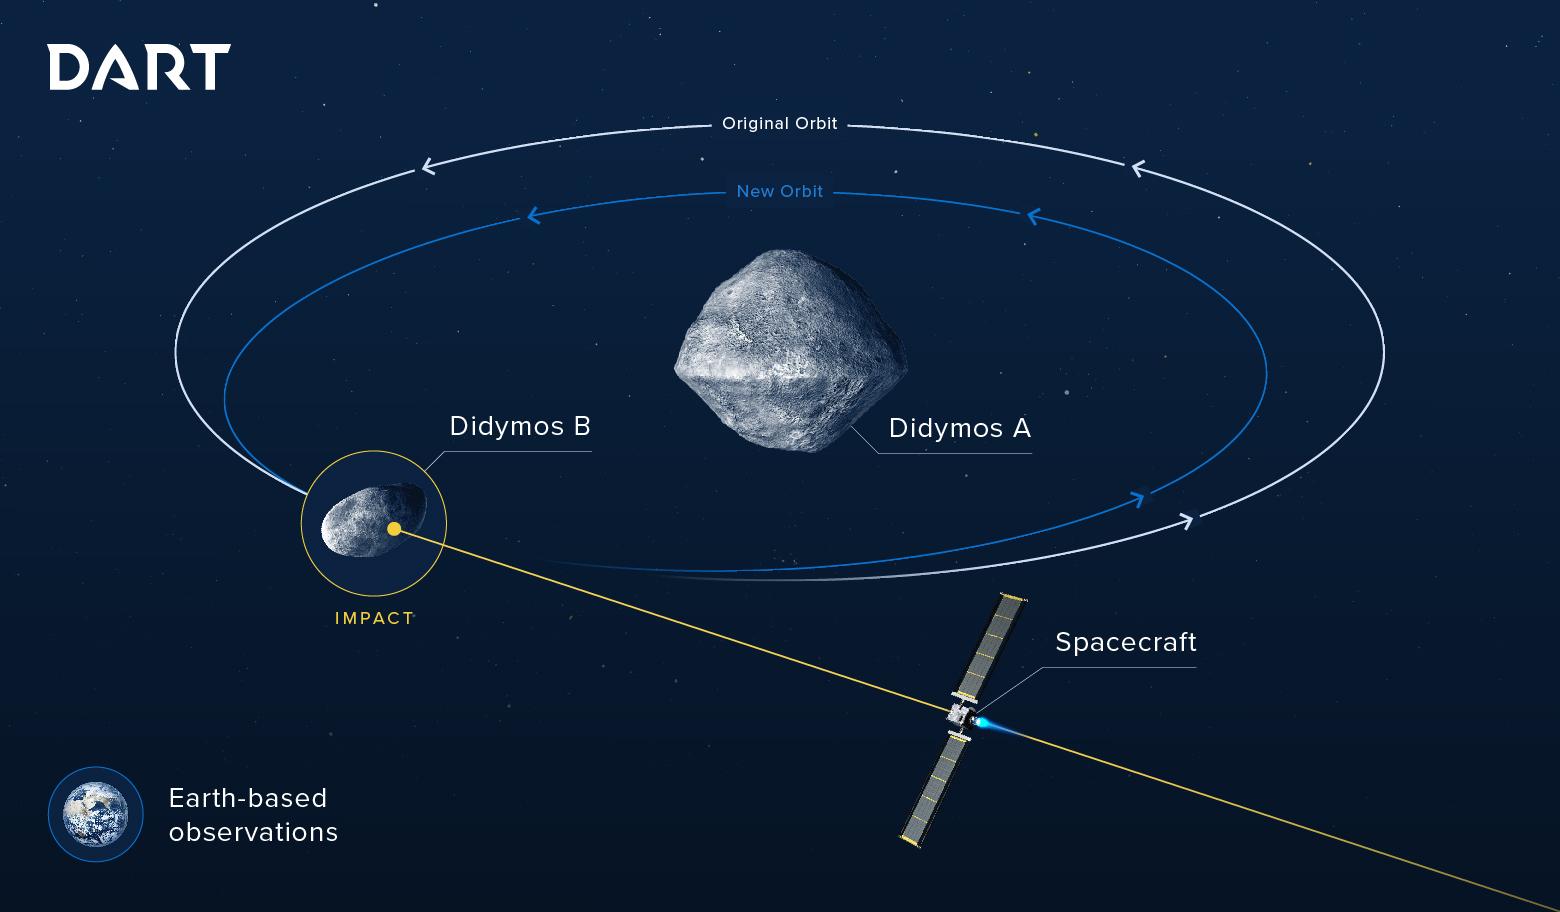 Slik skal romfartøyet DART dytte til en liten asteroide som går i banerundt en større asteroide. Illustrasjon: NASA